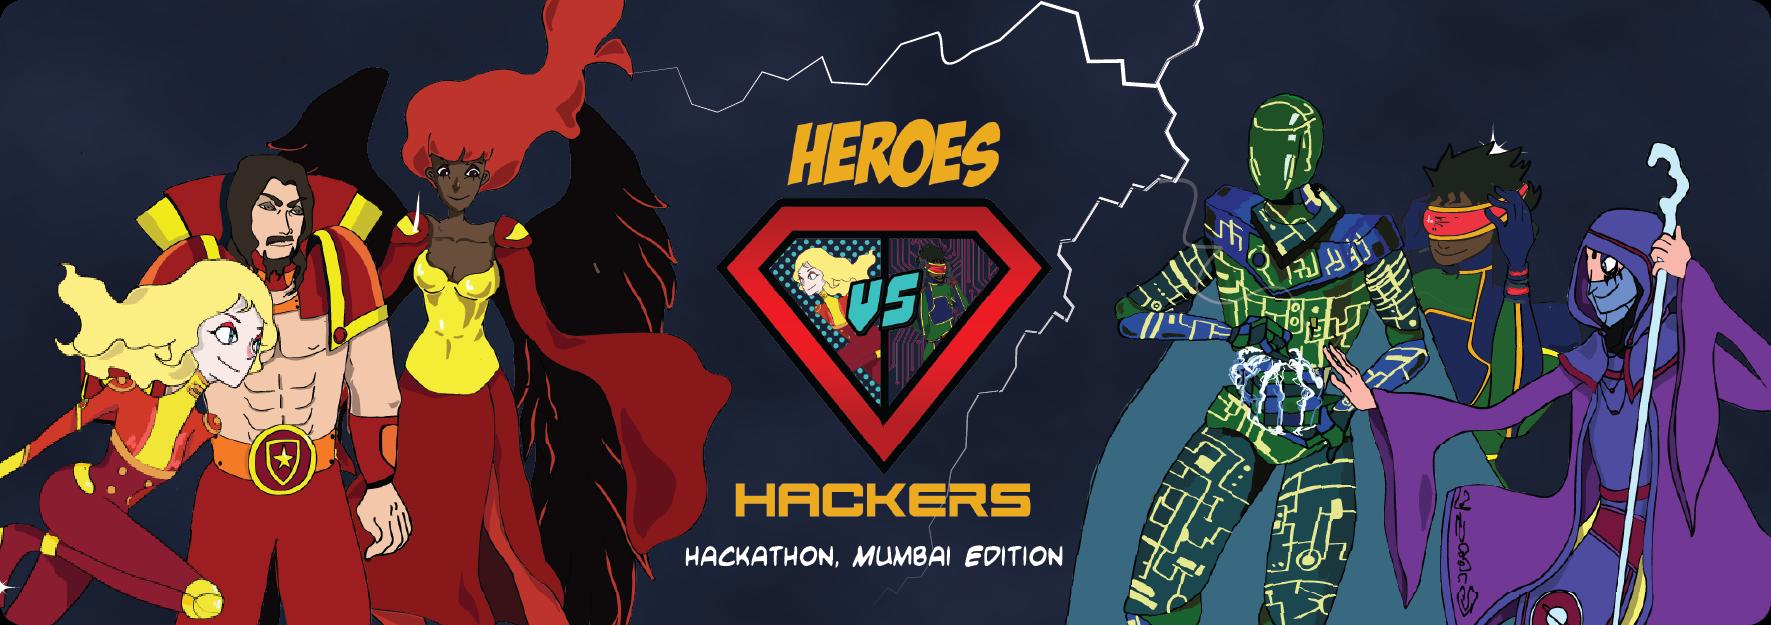 barclays-hackathon